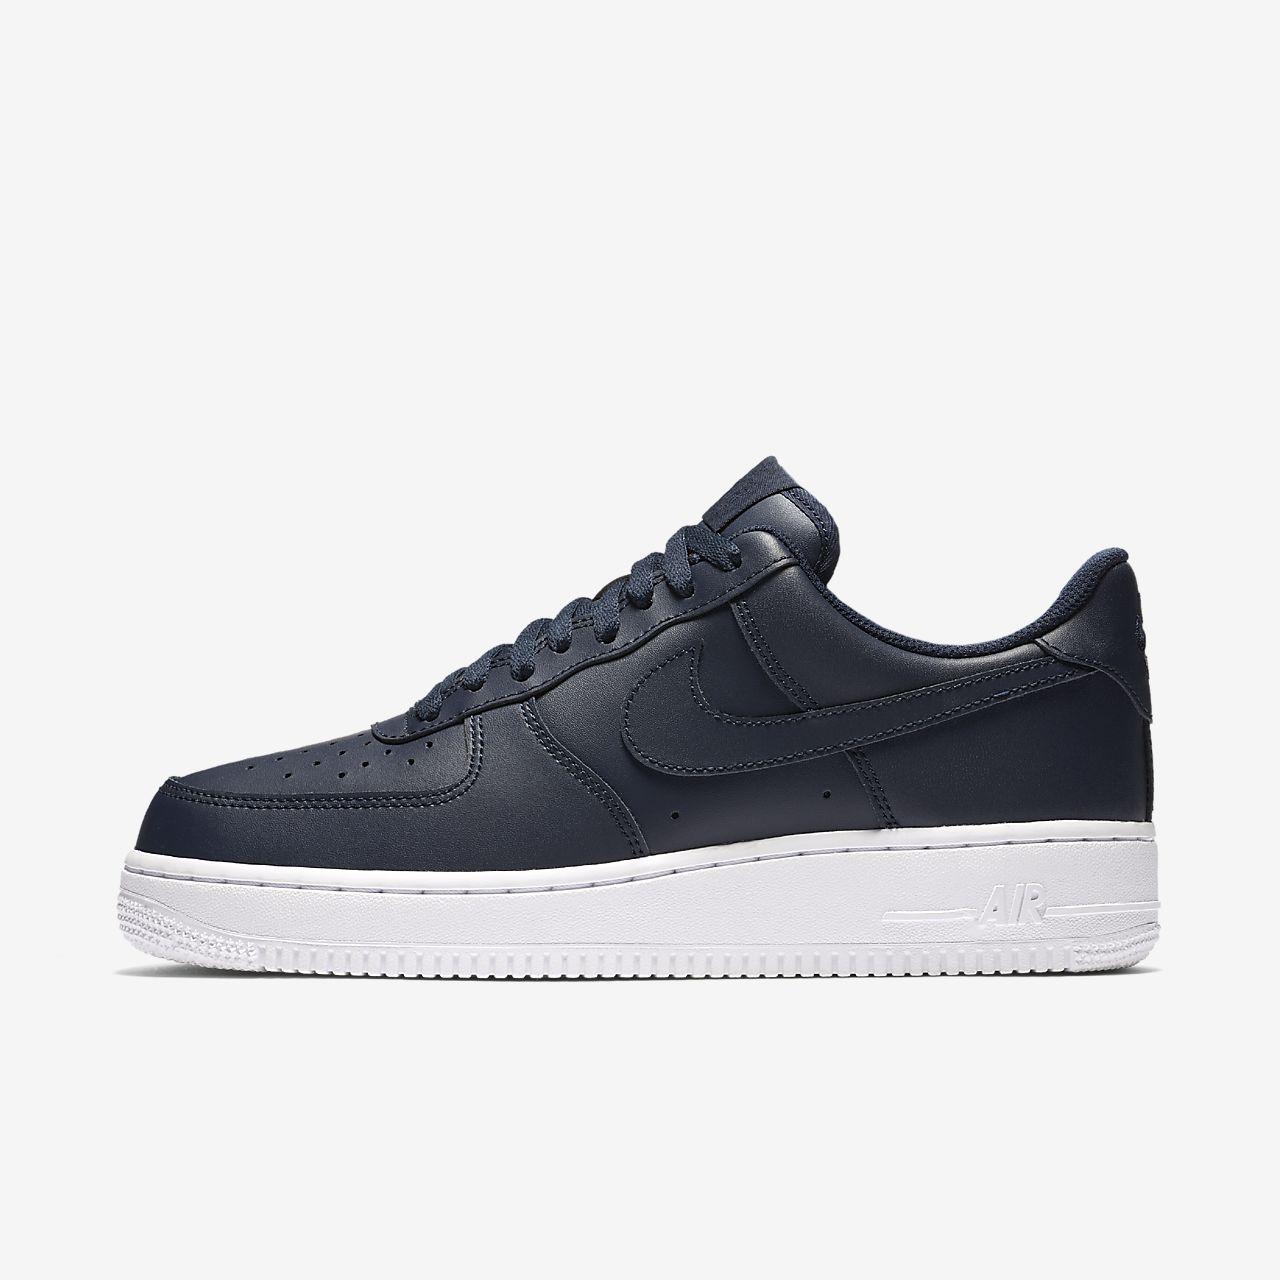 Nike Air Force 1 07 herresko